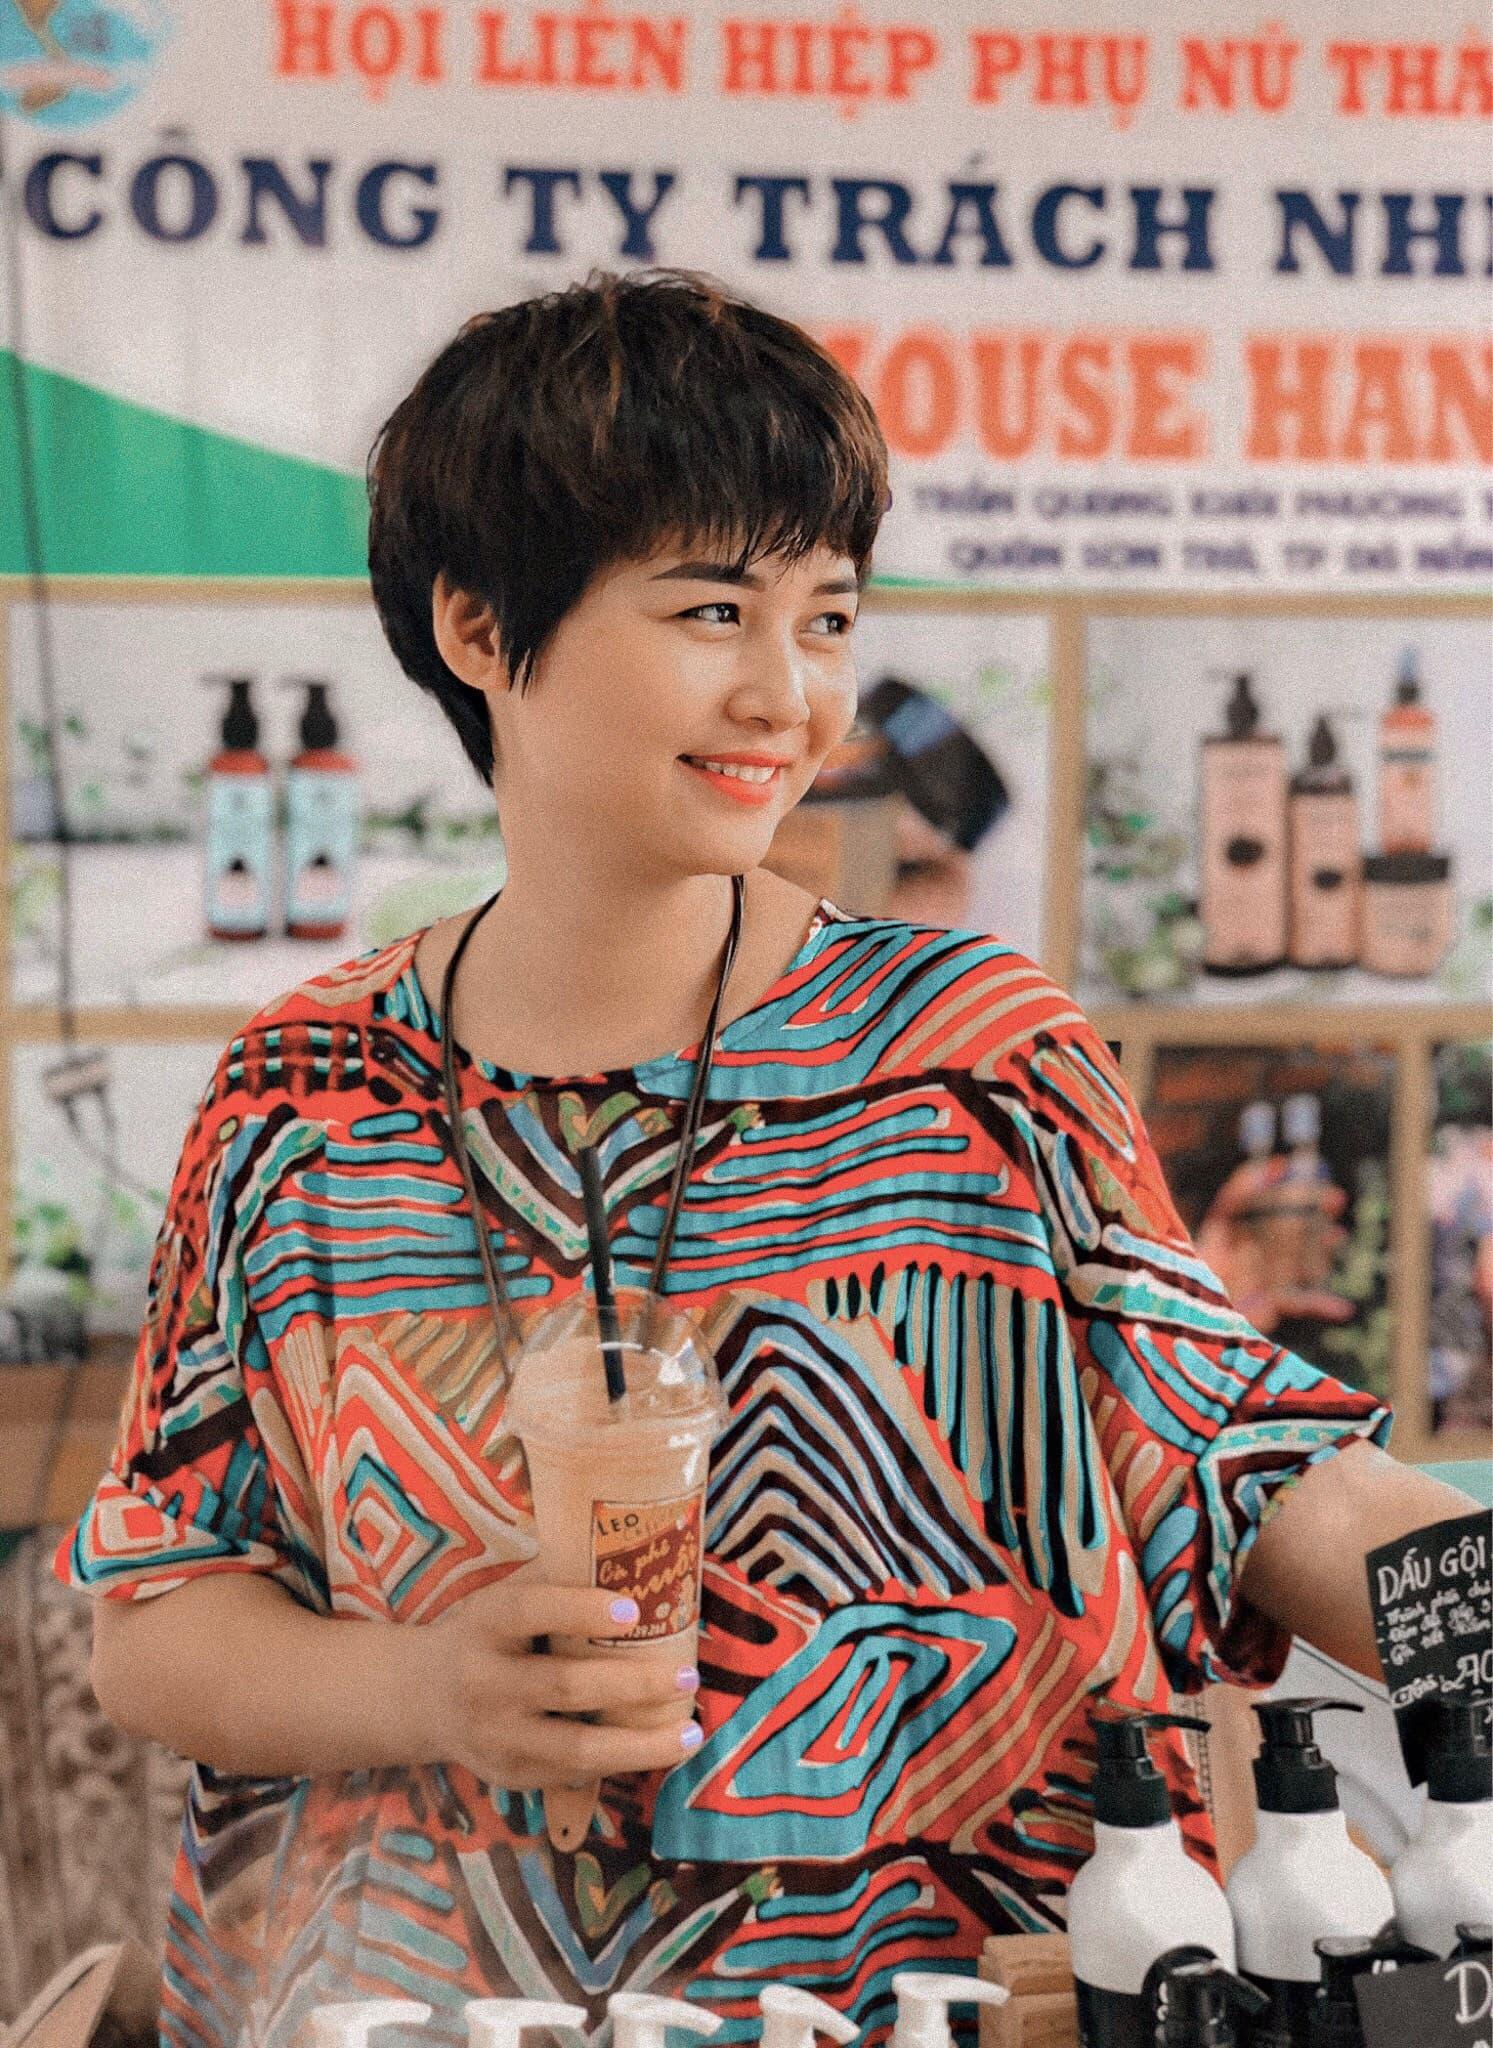 Cô nàng xứ Quảng lấn sang sân kinh doanh mới: Cà phê muối Leo 3